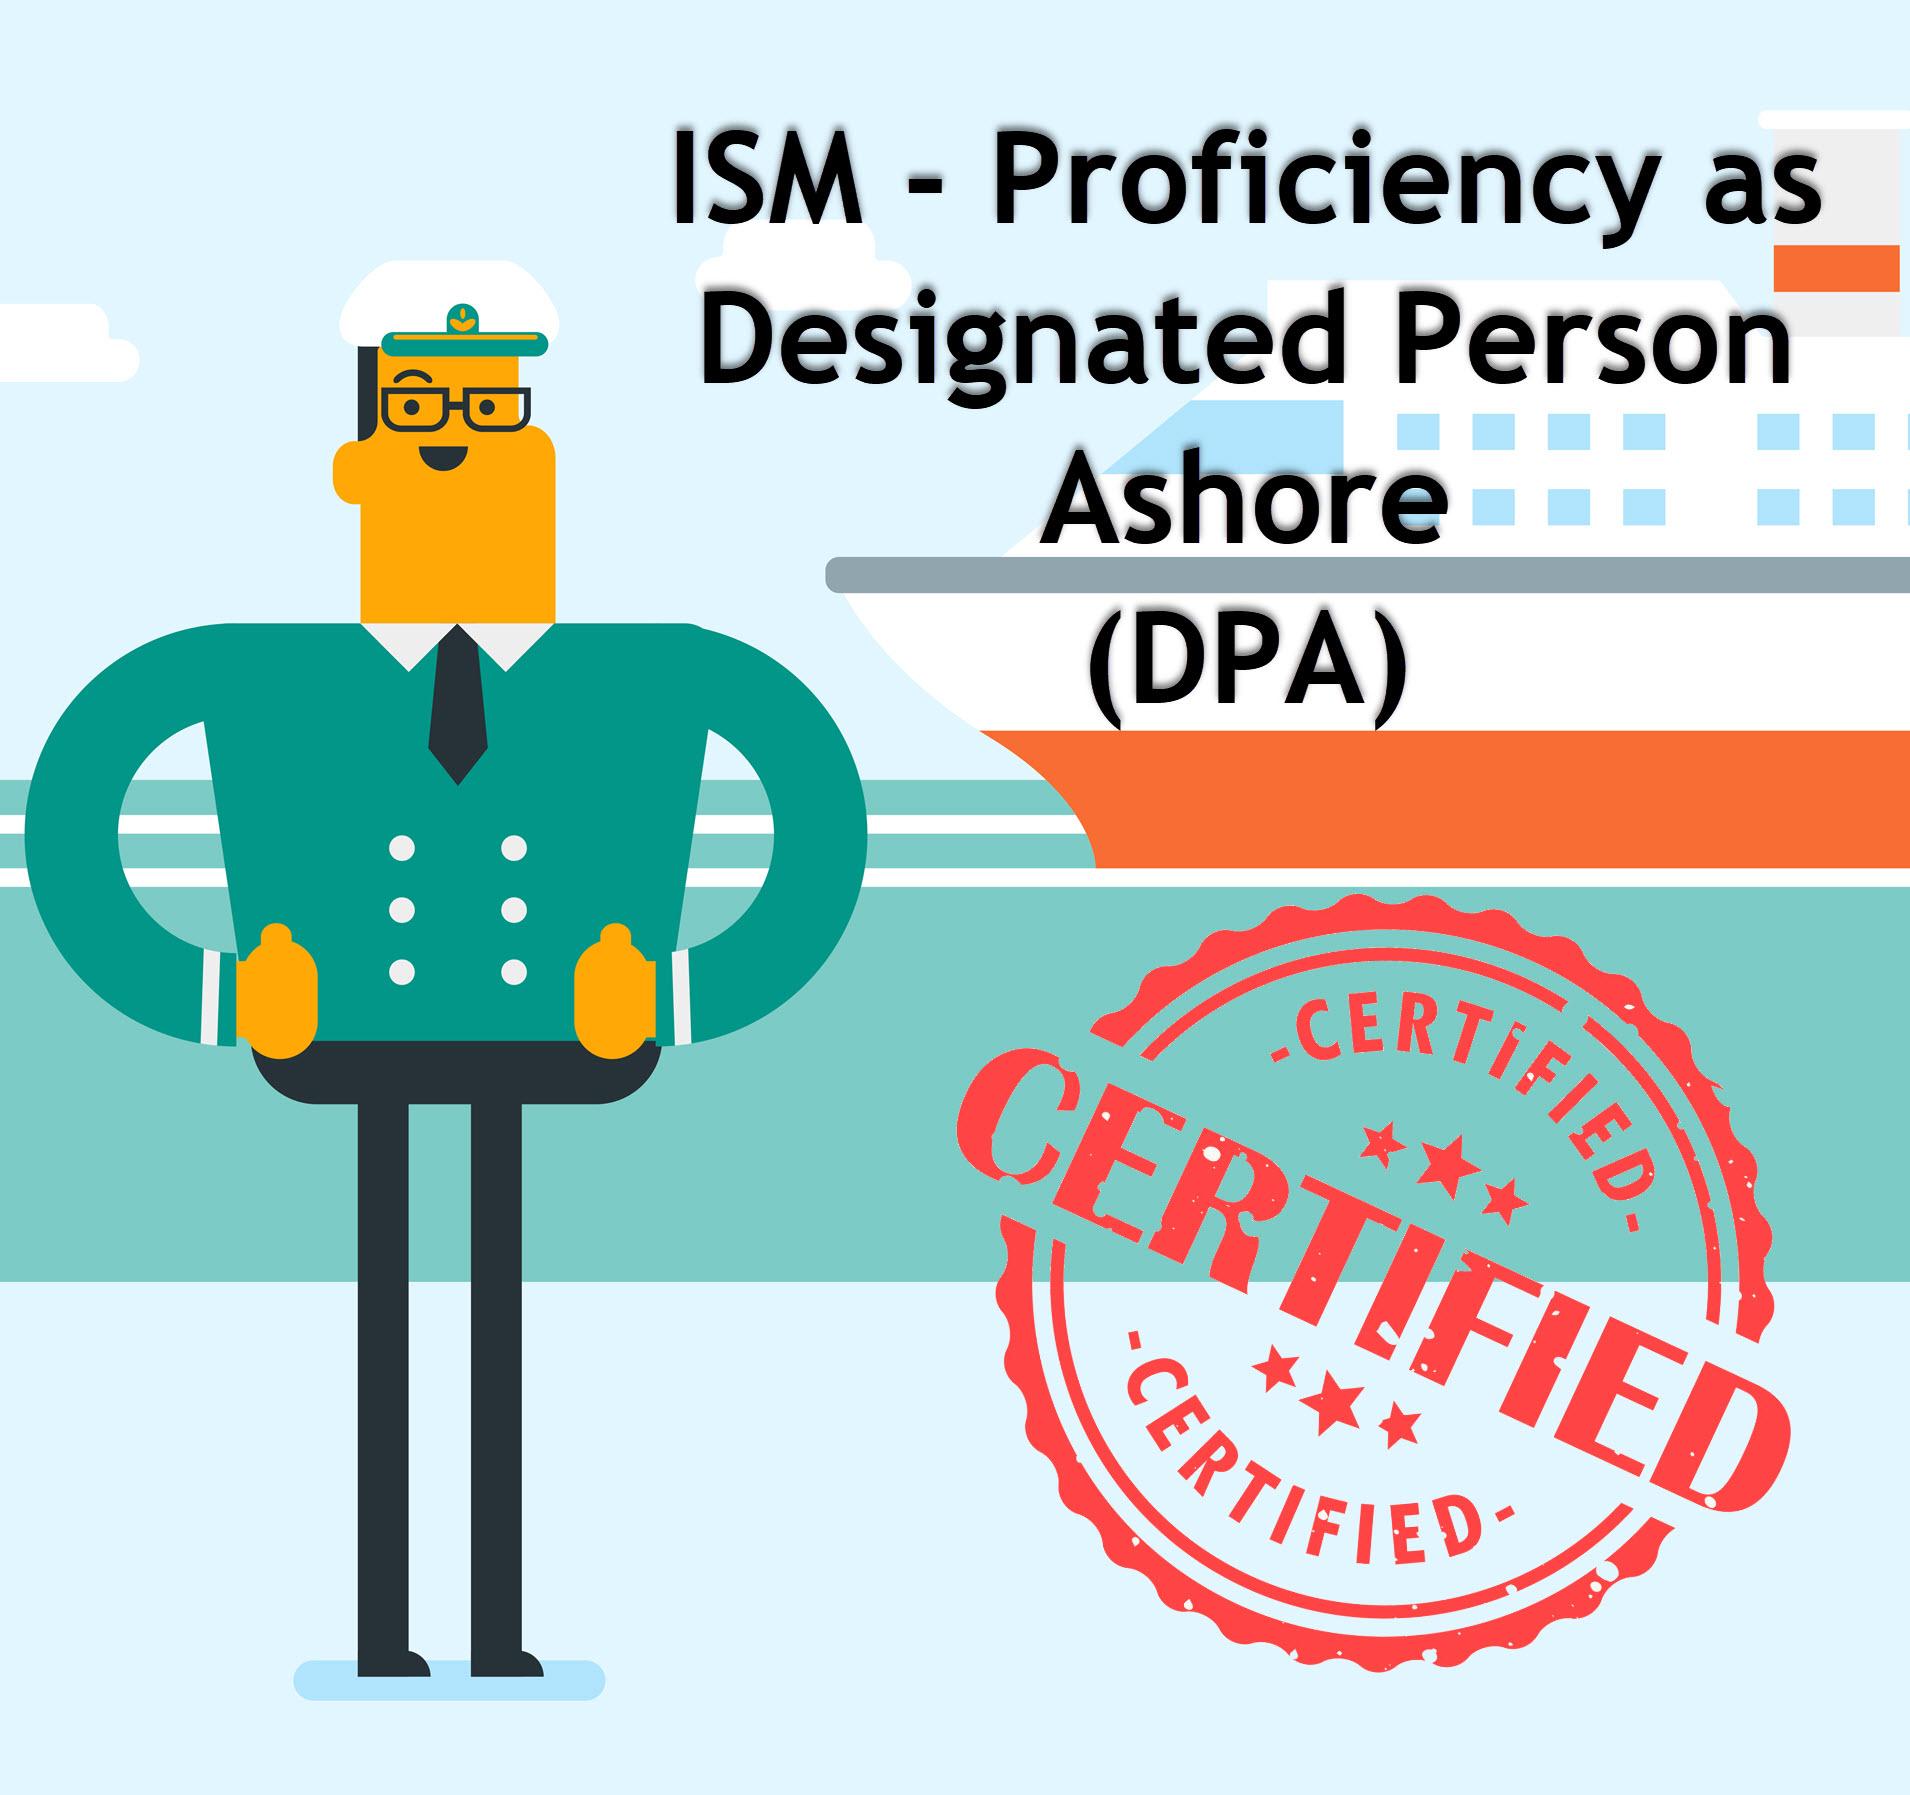 Designated Person Ashore (DPA) Online Course